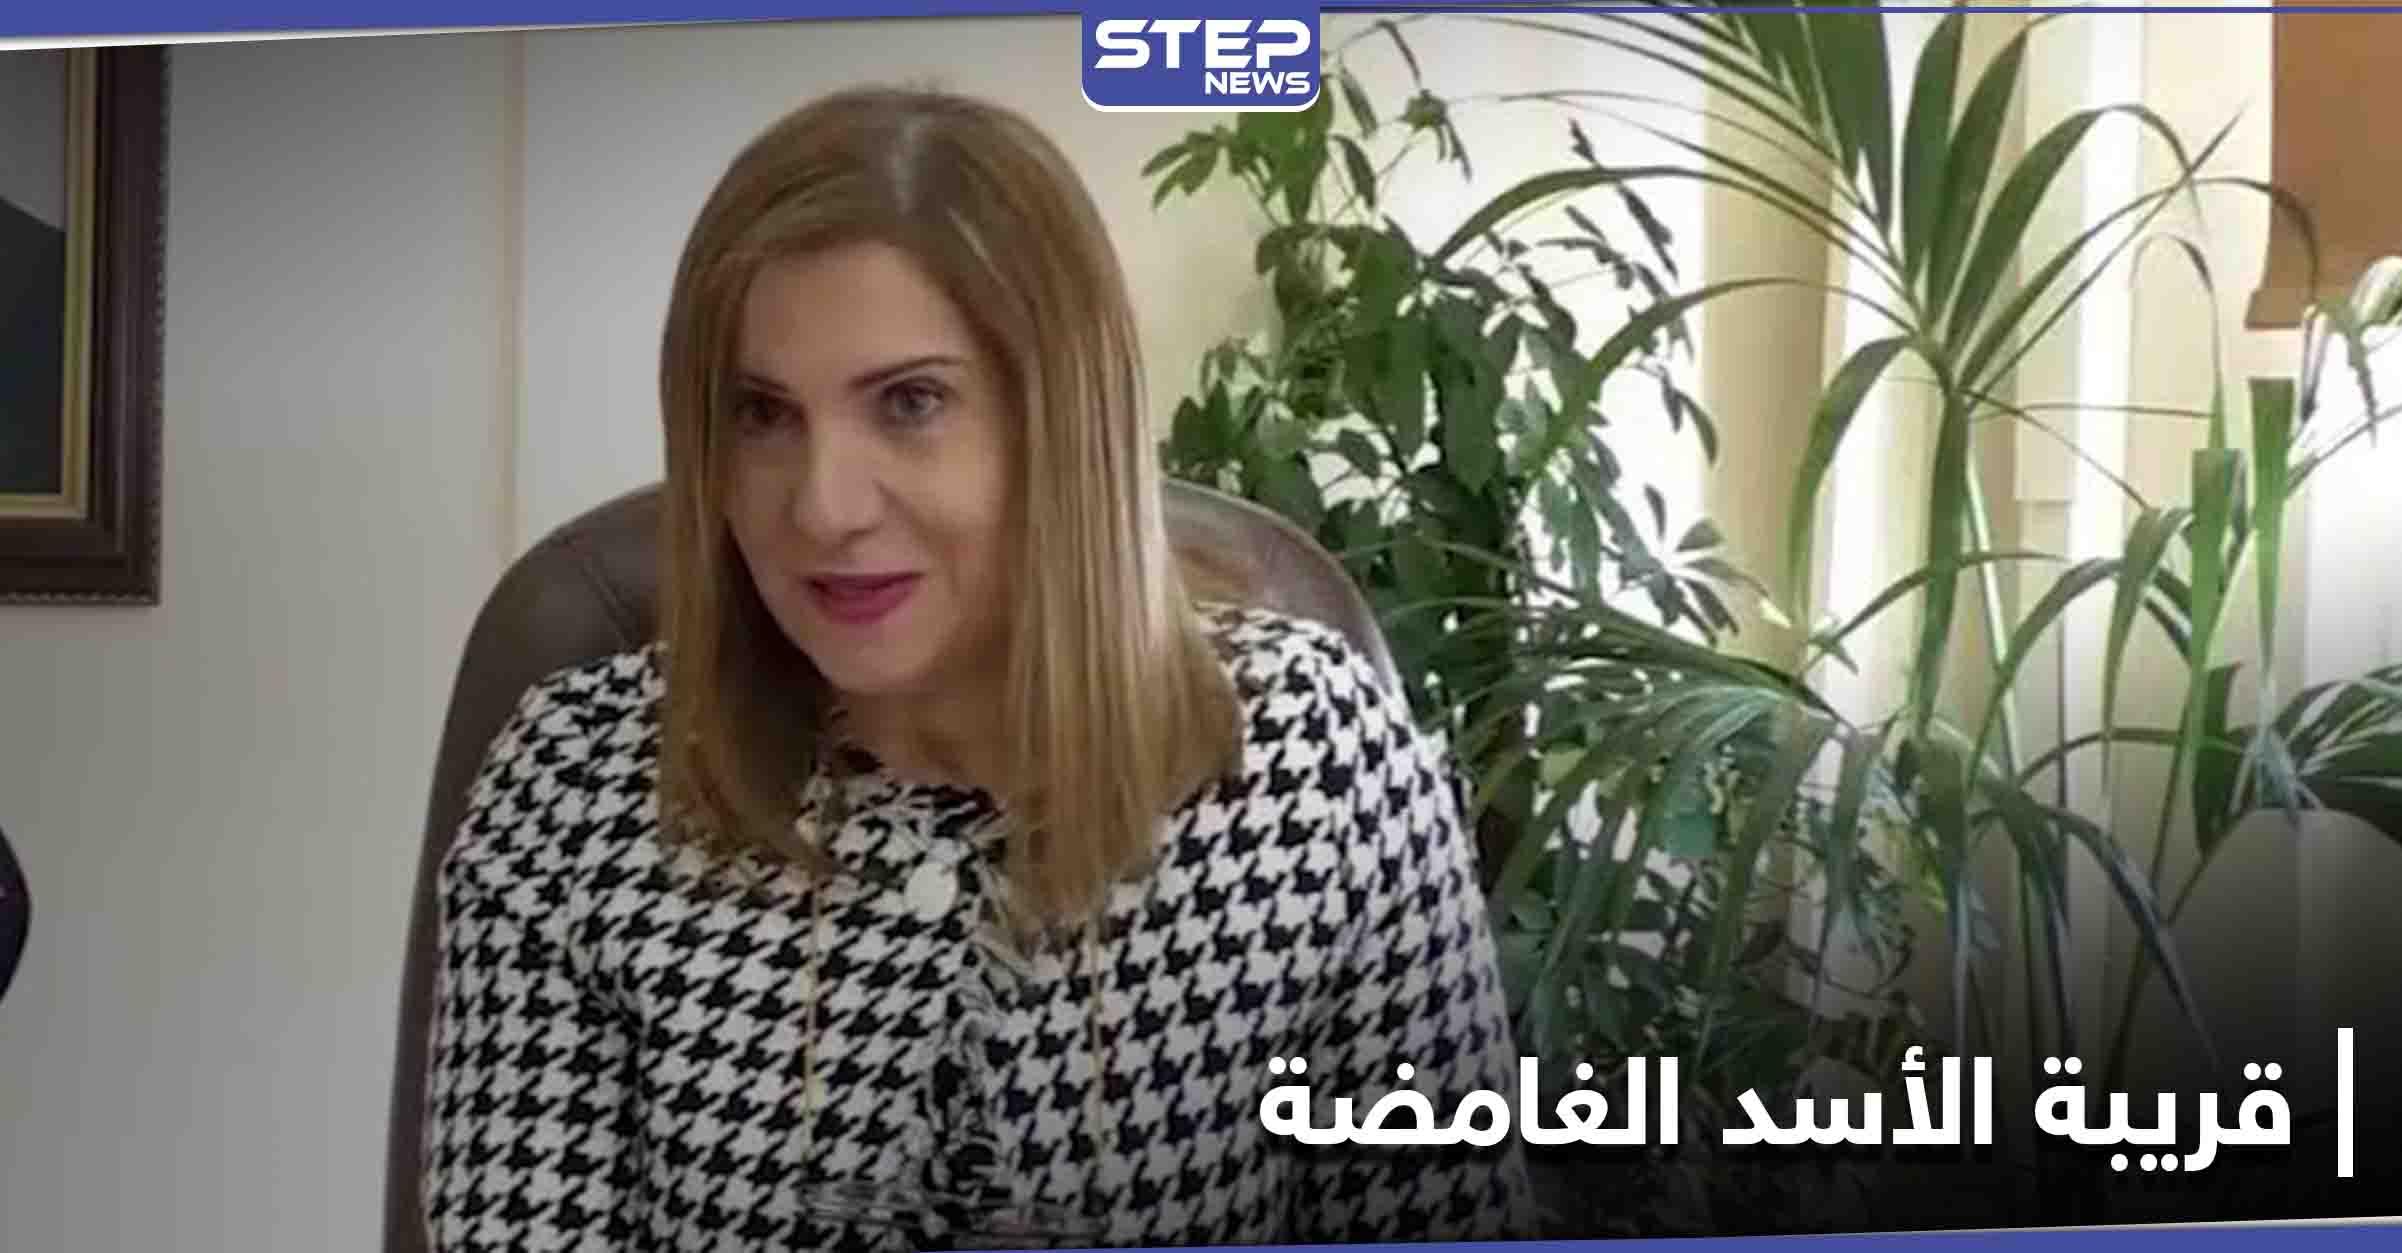 بشار الأسد يعيّن امرأة مقرّبة منه في إدارة مؤسسة حكومية هامّة